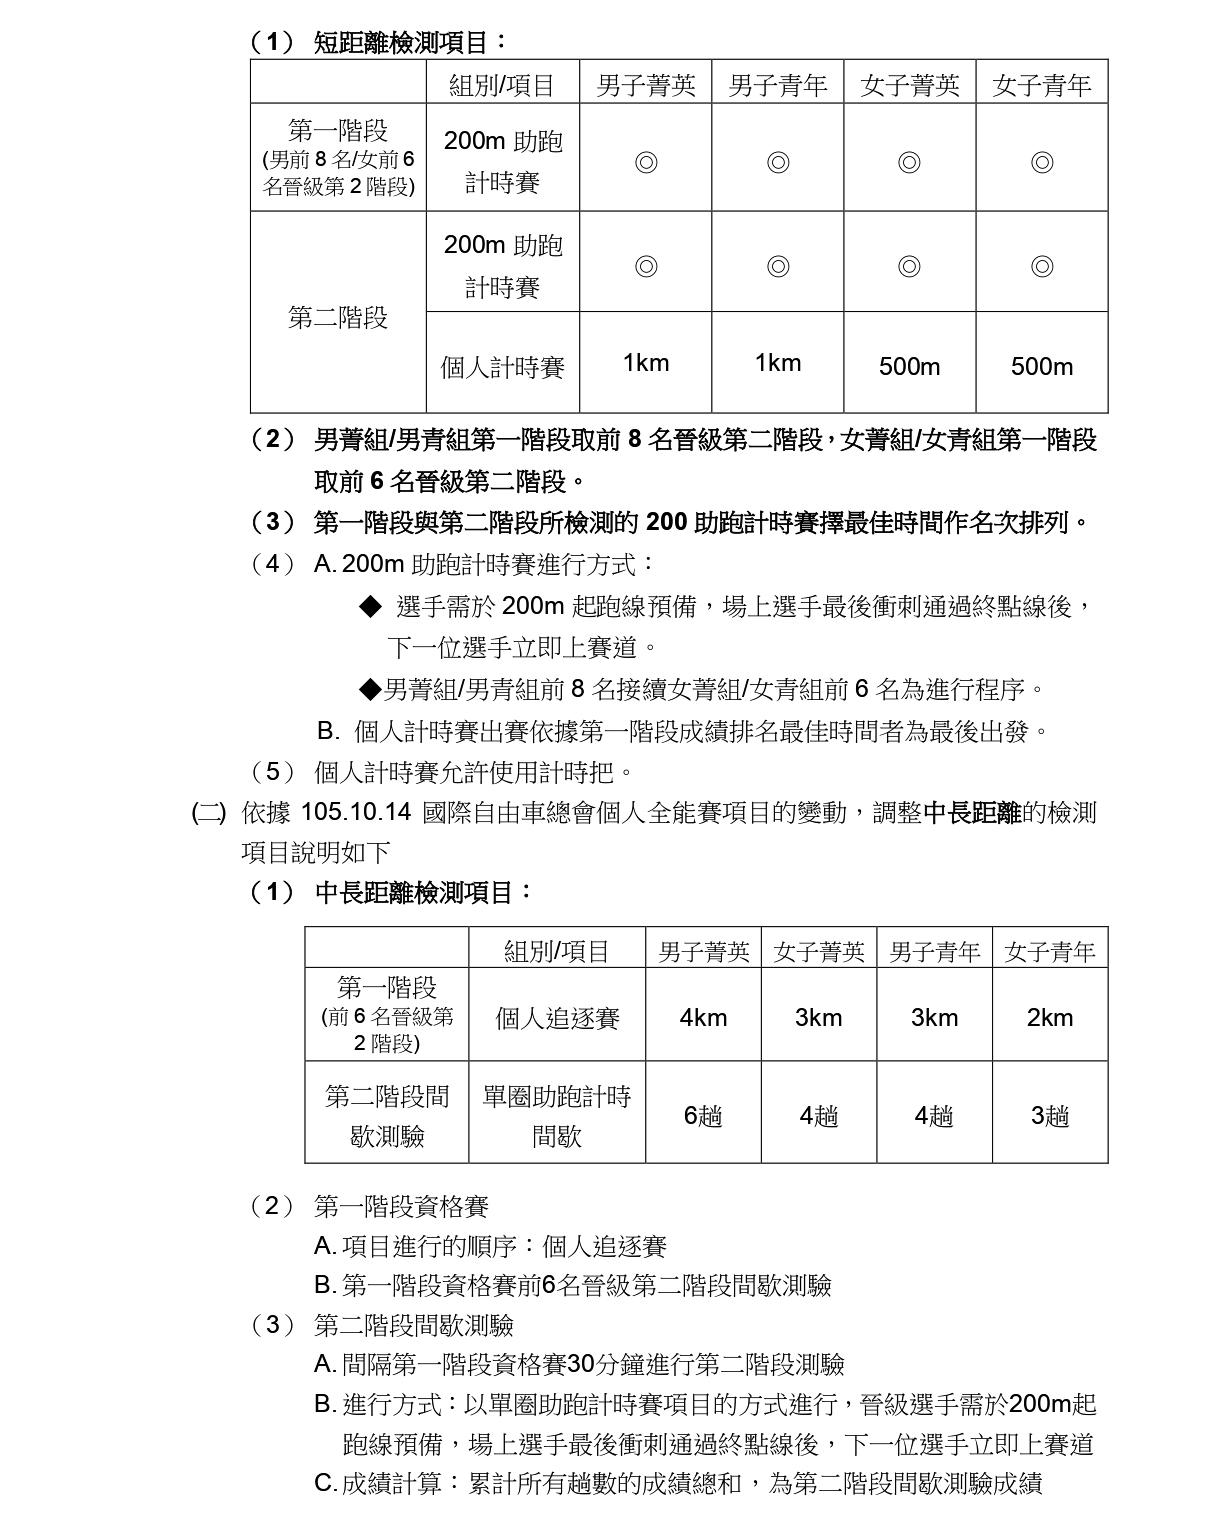 110年全國自由車場地菁英排名賽一競賽規程_page-0002